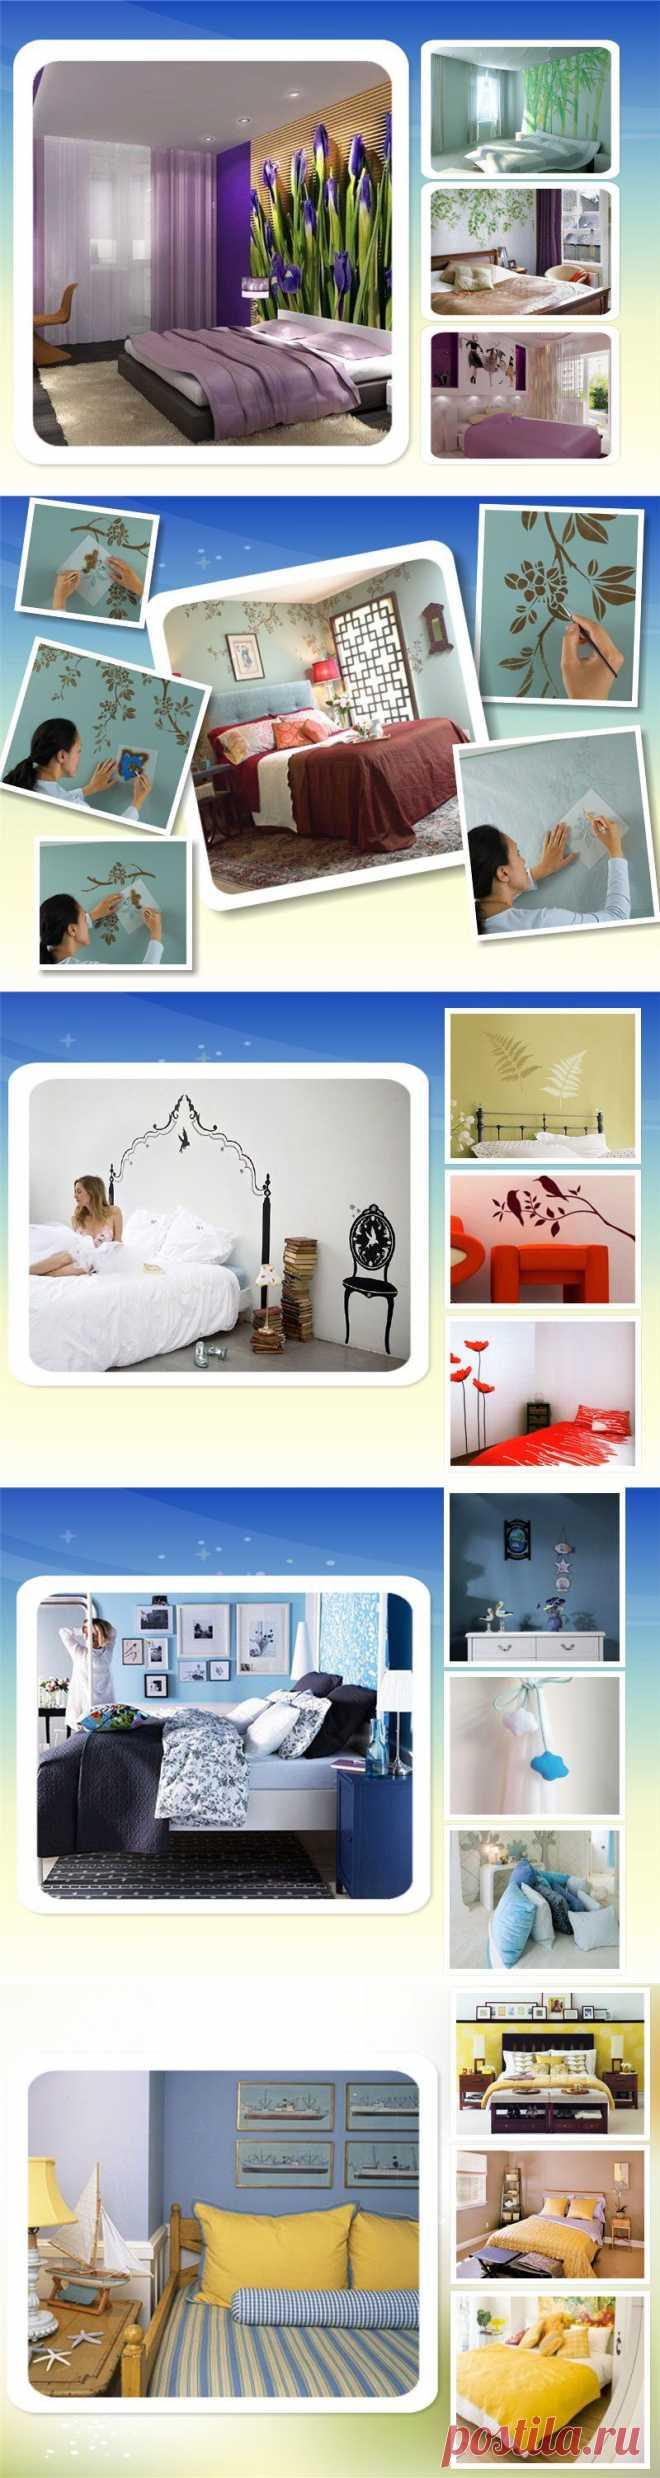 Бюджетные идеи декора спальни.Спальня это зона отдыха и комфорта,пространство,где мы можем пробудить в себе талант декора,а так же самая интимная комната.Если мы спим и видим свою спальню обновленной,это не значит,что пришло время для дорогостоящего ремонта.Сделать наши сны сладкими,а пробуждение легким поможет наша фантазия!